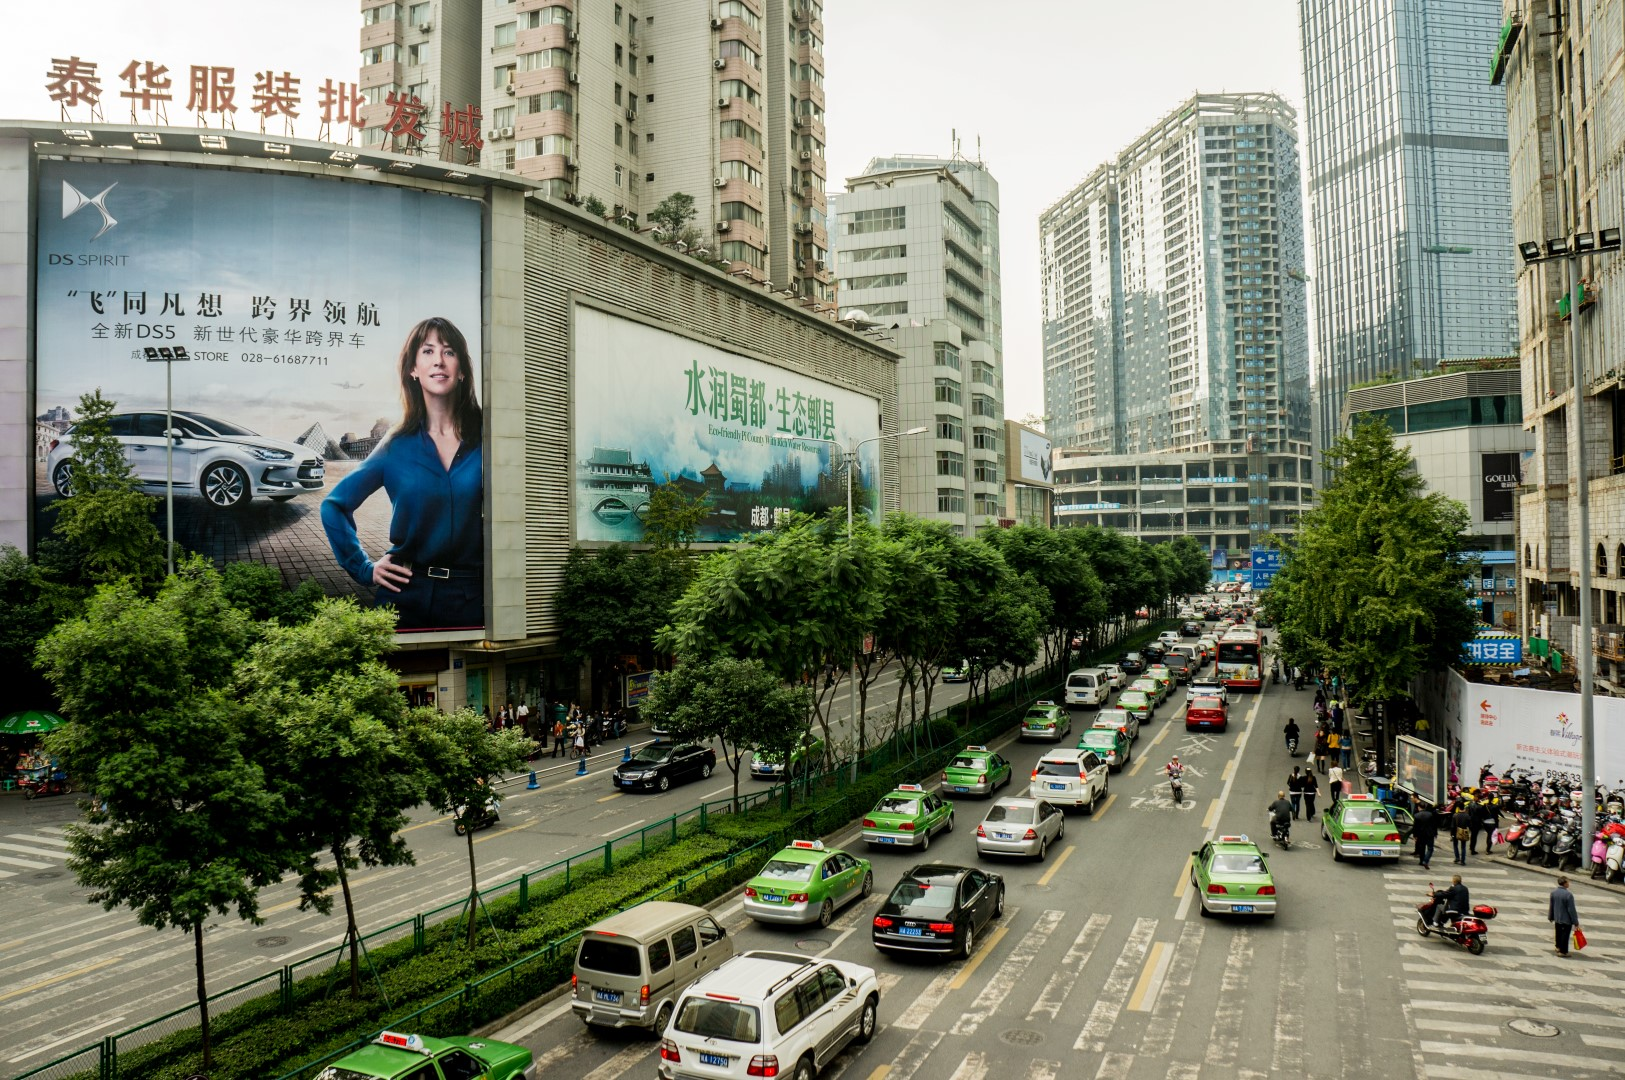 Chiny_Chengdu_centrum